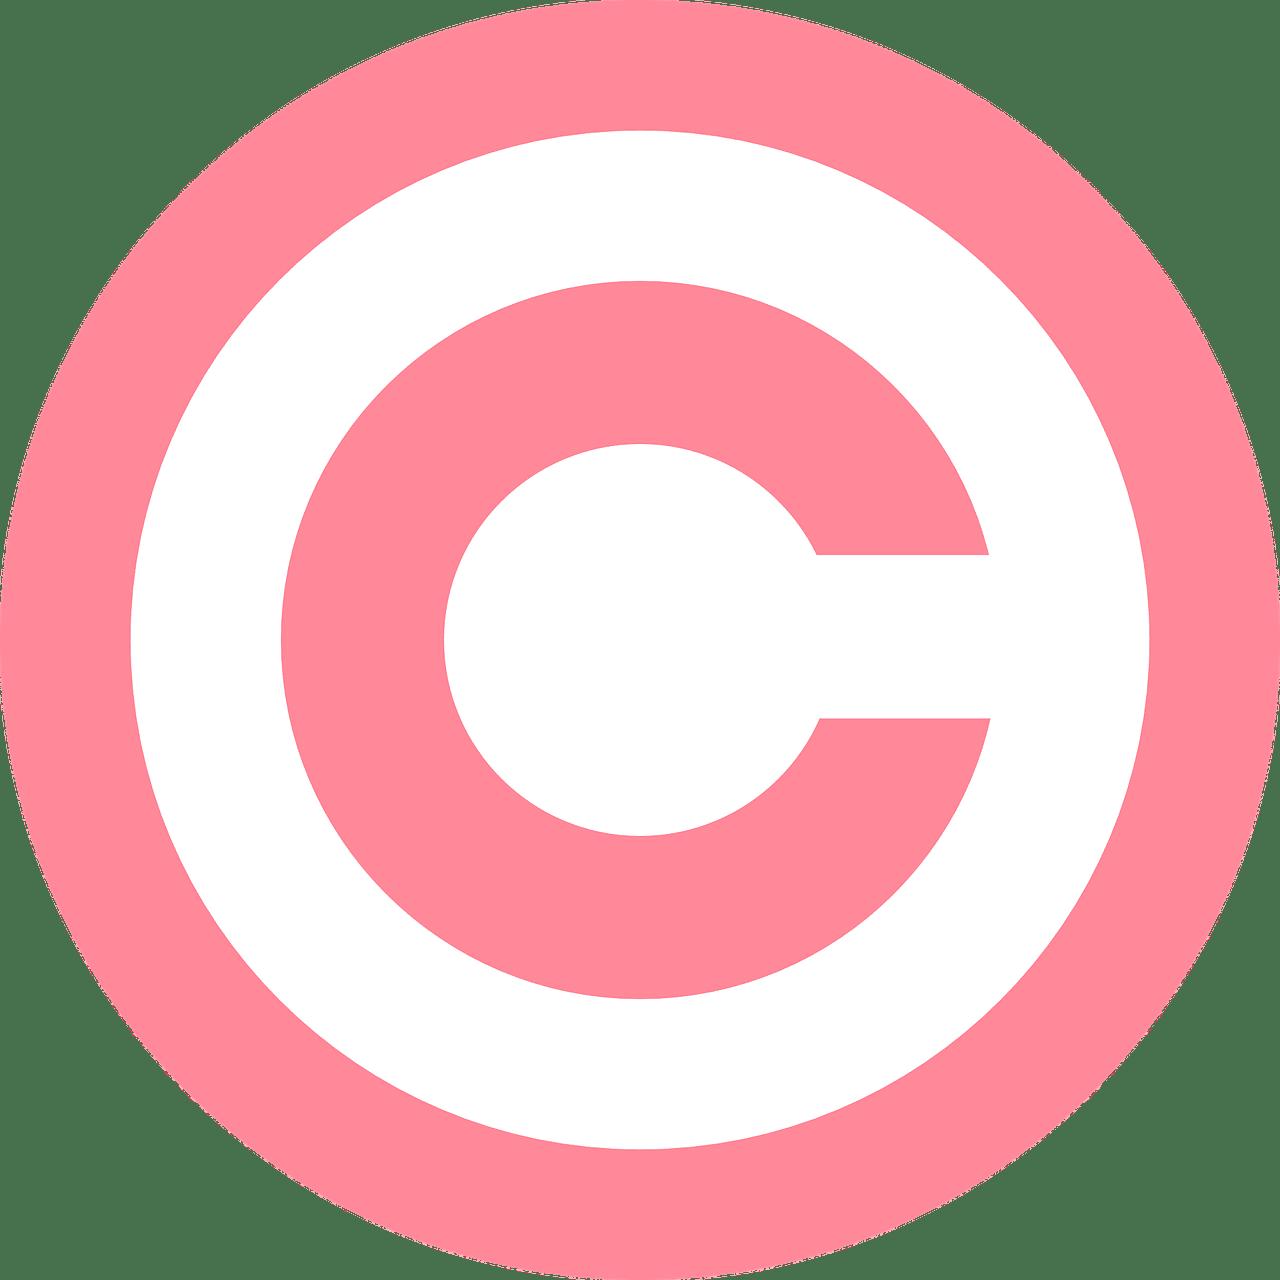 Dépôt de copyright